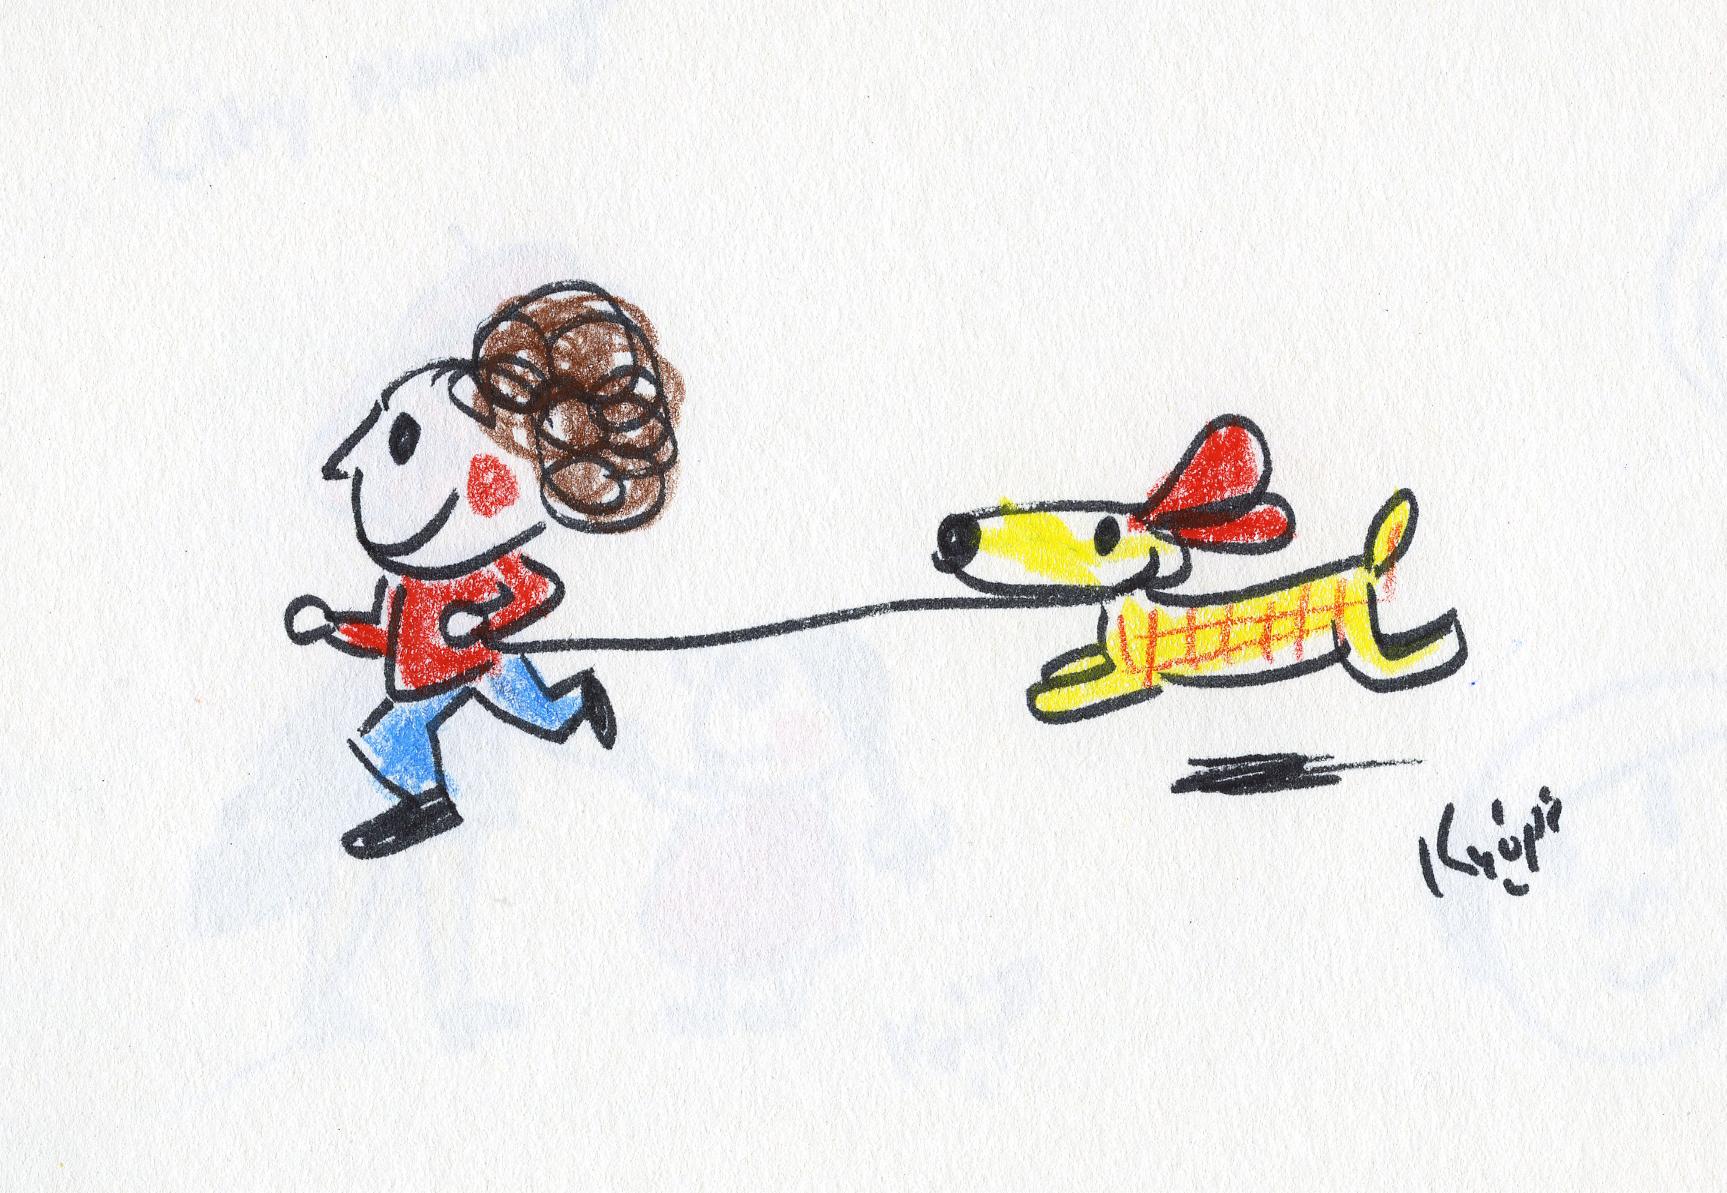 イラストカット「me and my dog」